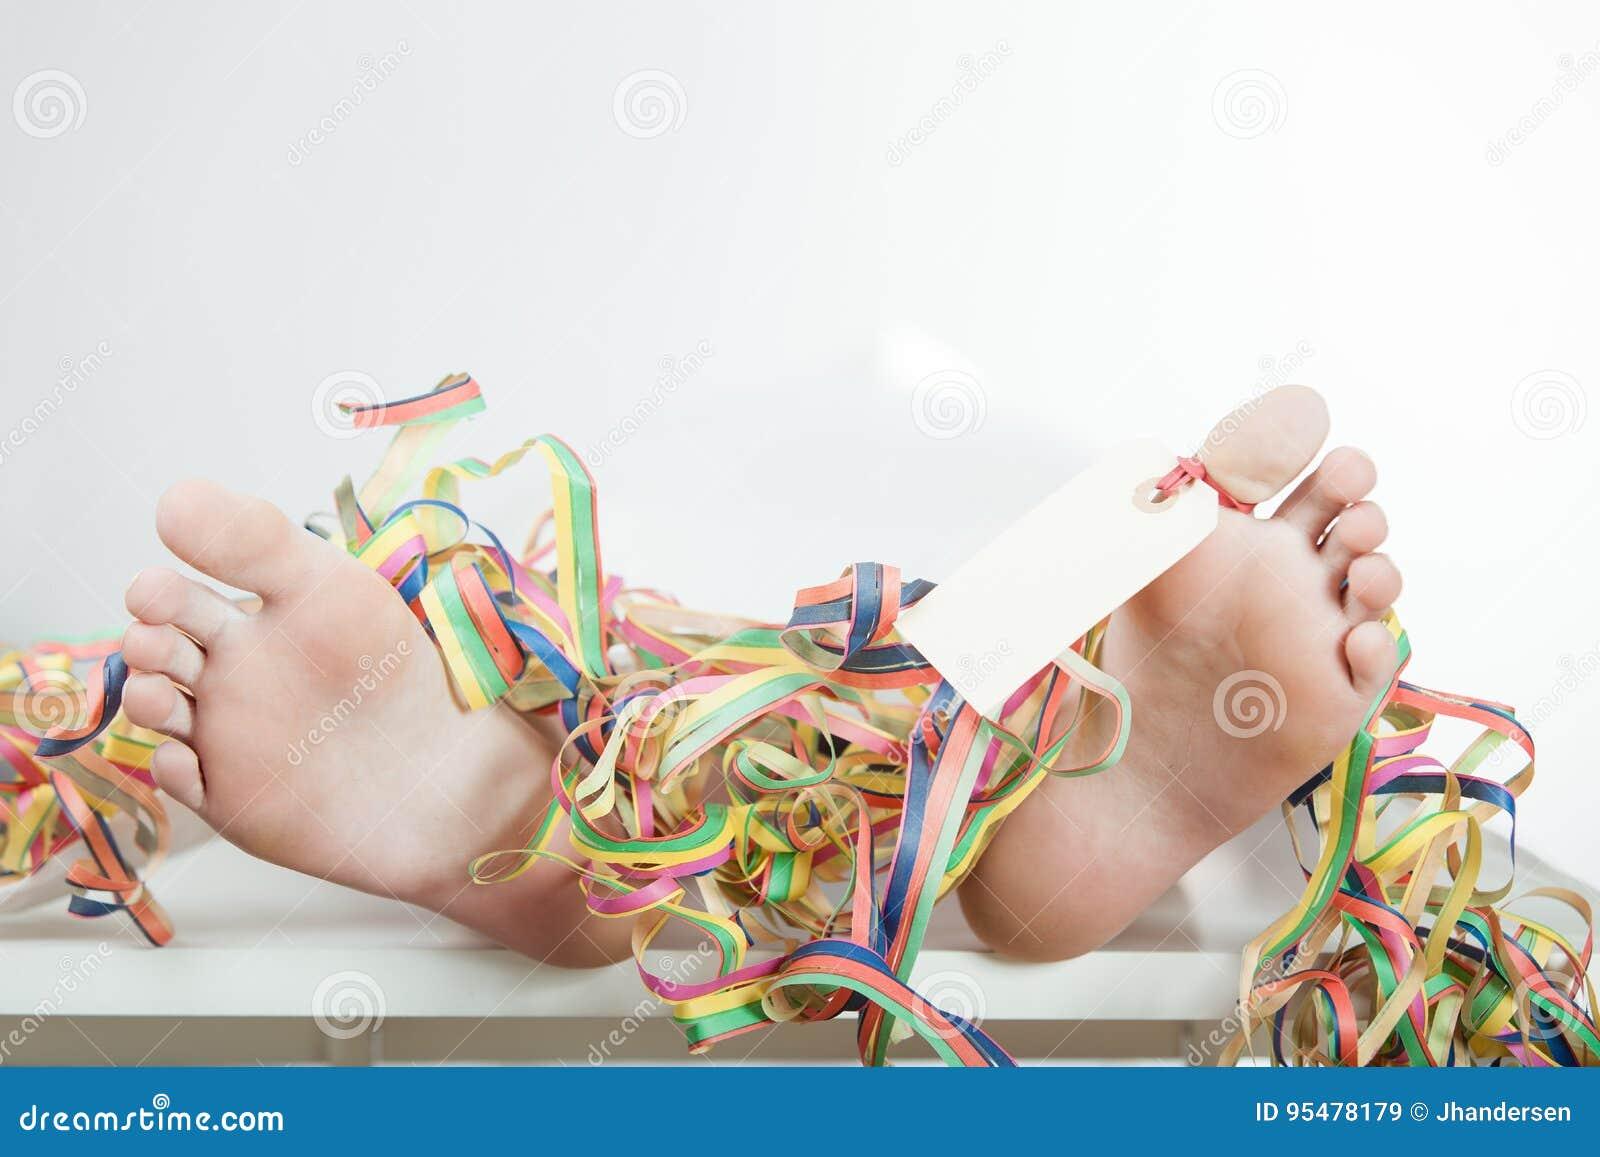 Zakończenie up nadzy cieki z palec u nogi faborkami i etykietką